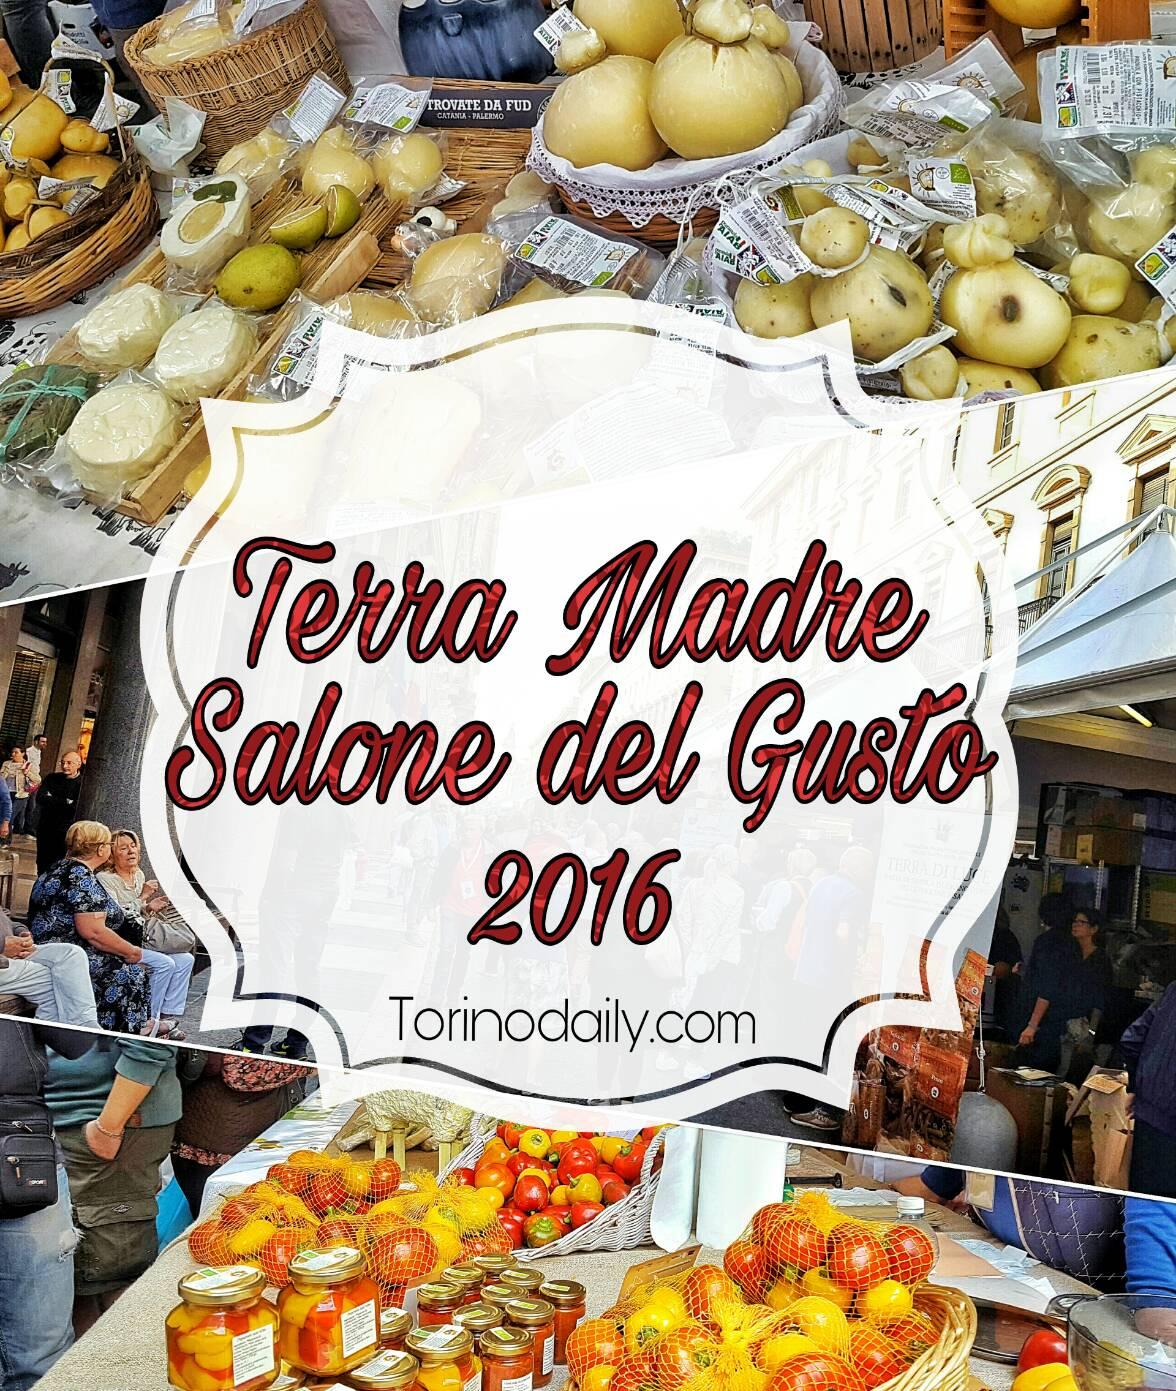 国際的な食の祭典「テッラ・マードレ=Salone del gusto」がいよいよ開幕!